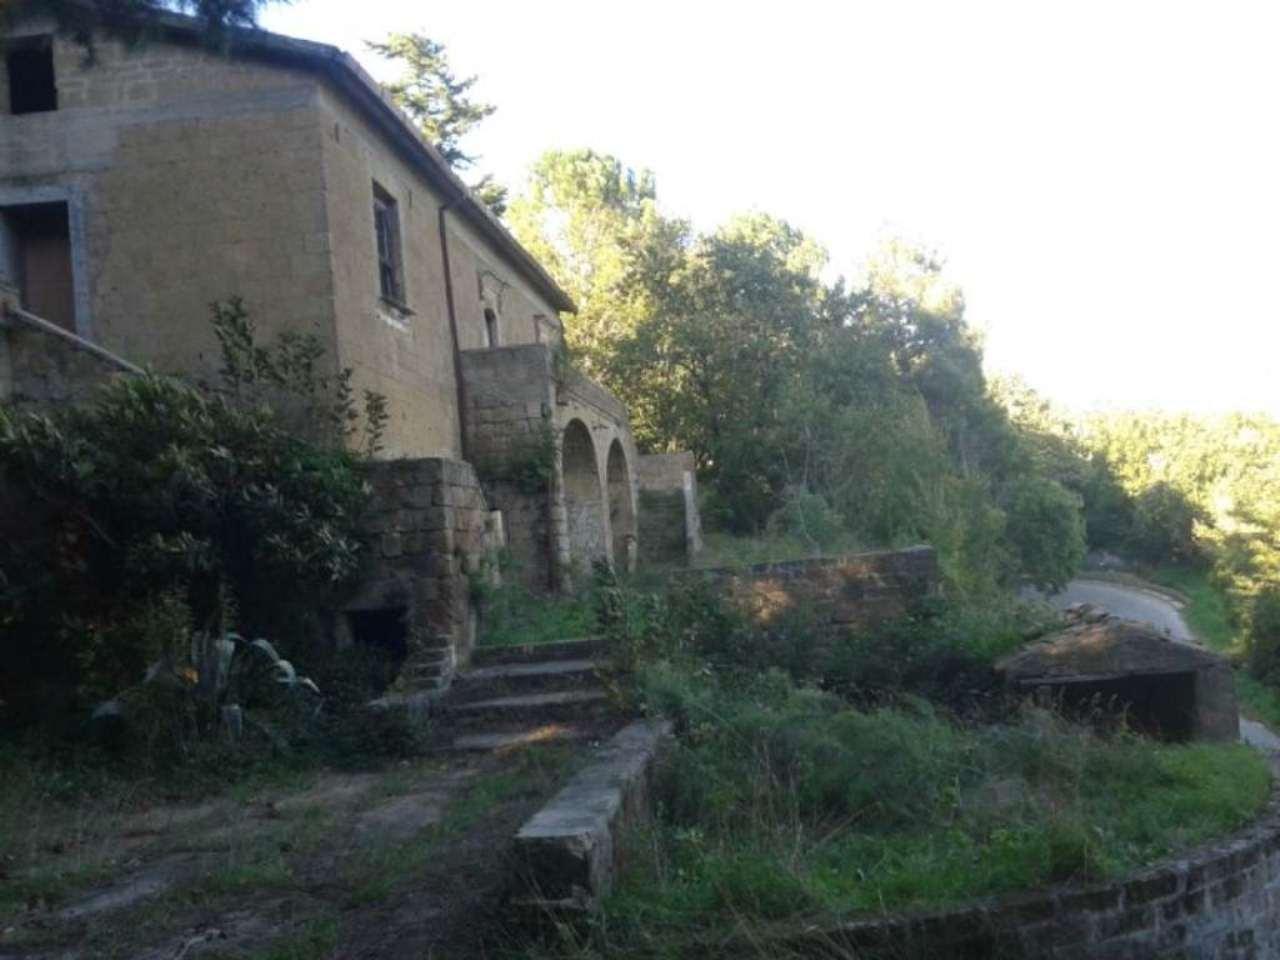 Terreno Agricolo in vendita a Sant'Agata De' Goti, 6 locali, prezzo € 590.000 | Cambio Casa.it